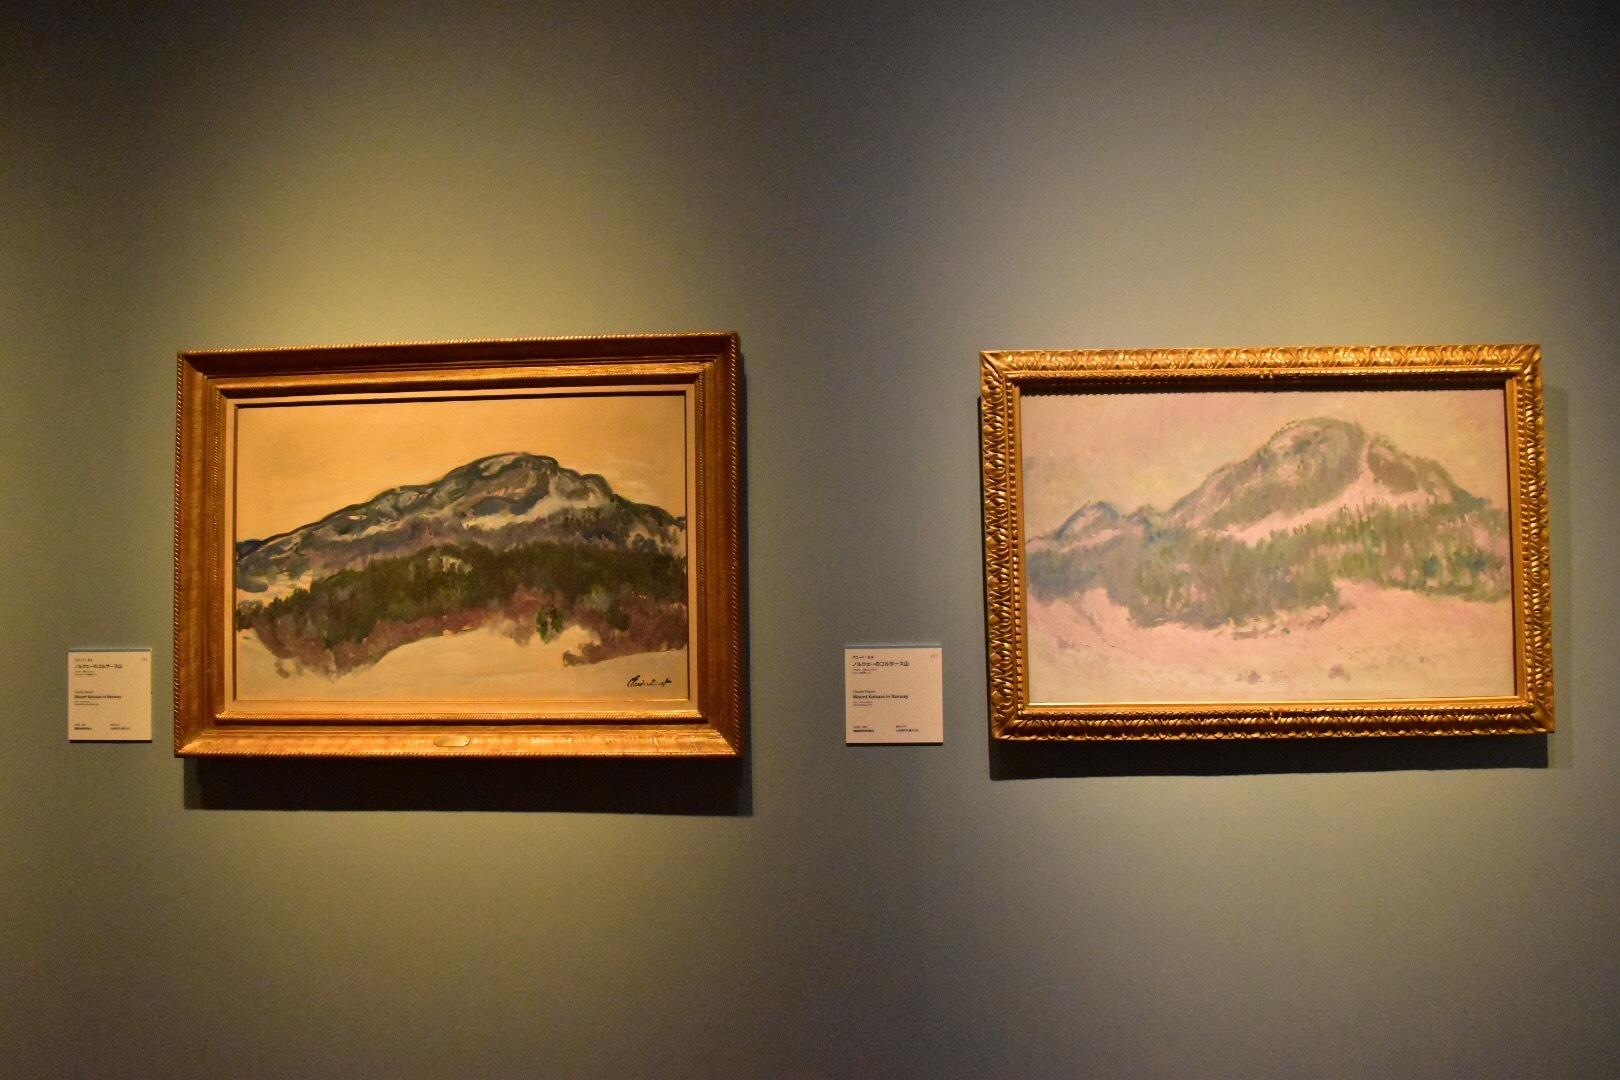 左:クロード・モネ《ノルウェーのコルサース山》1895年 マルモッタン・モネ美術館、パリ 右:クロード・モネ《ノルウェーのコルサース山》1895年 オルセー美術館、パリ